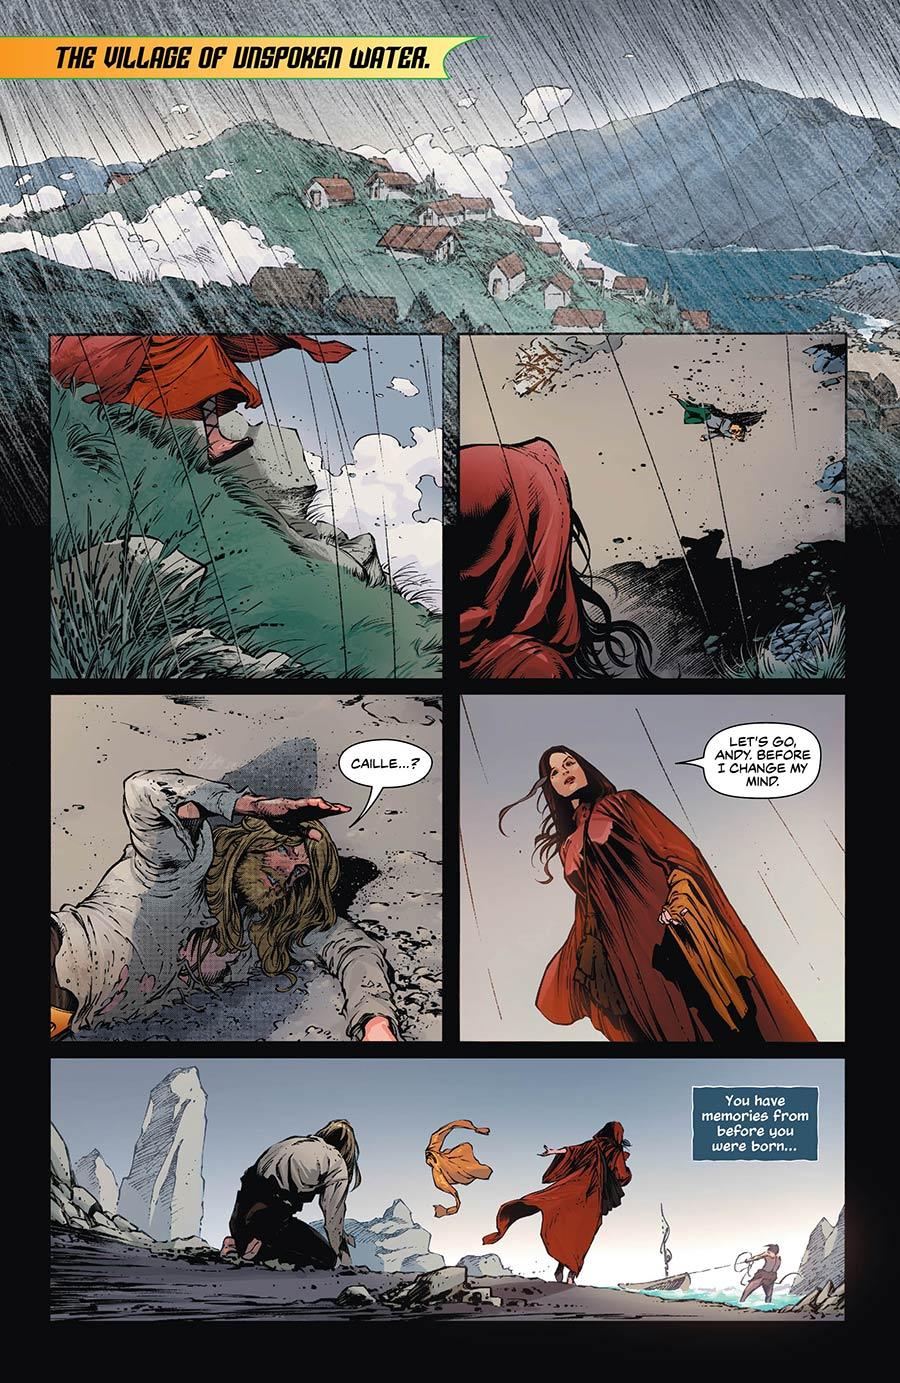 AQUAMAN_45_3 - DC Comics News